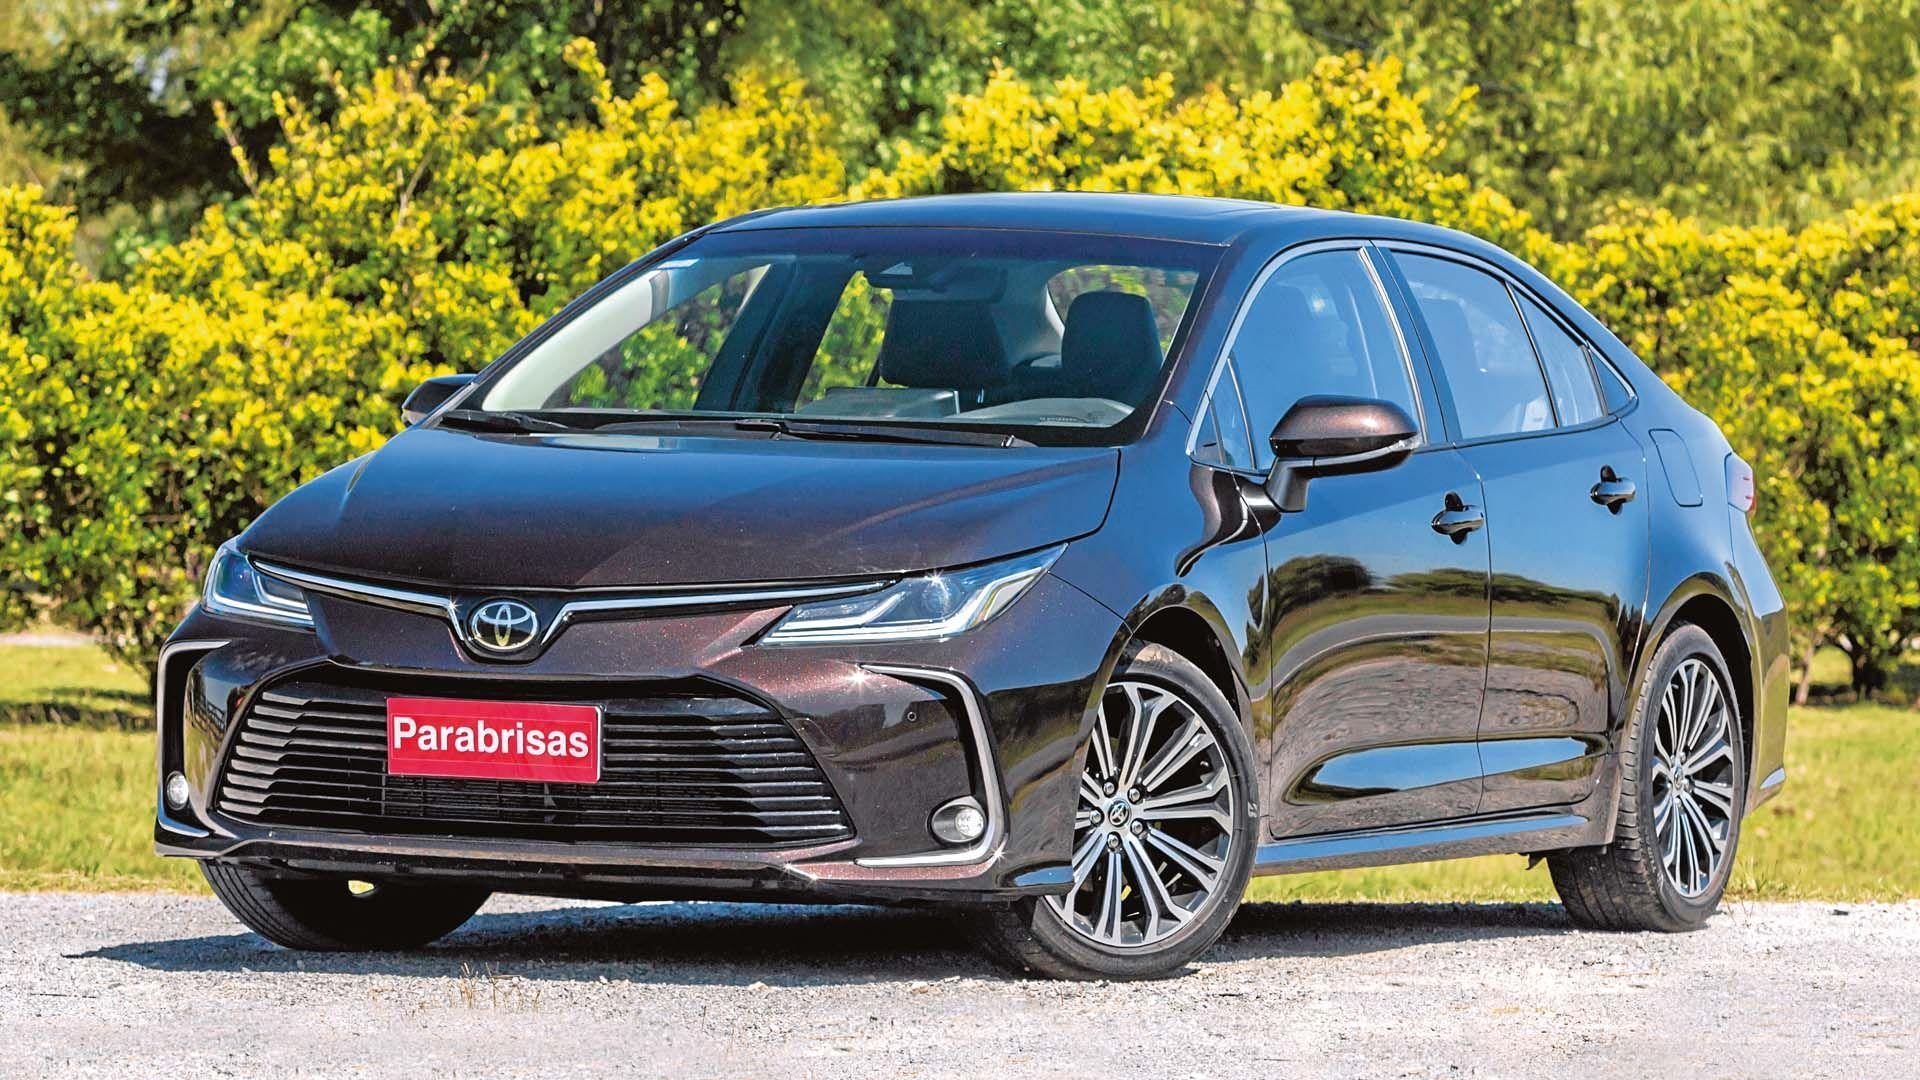 Kelebihan Kekurangan Toyota Cvt Top Model Tahun Ini